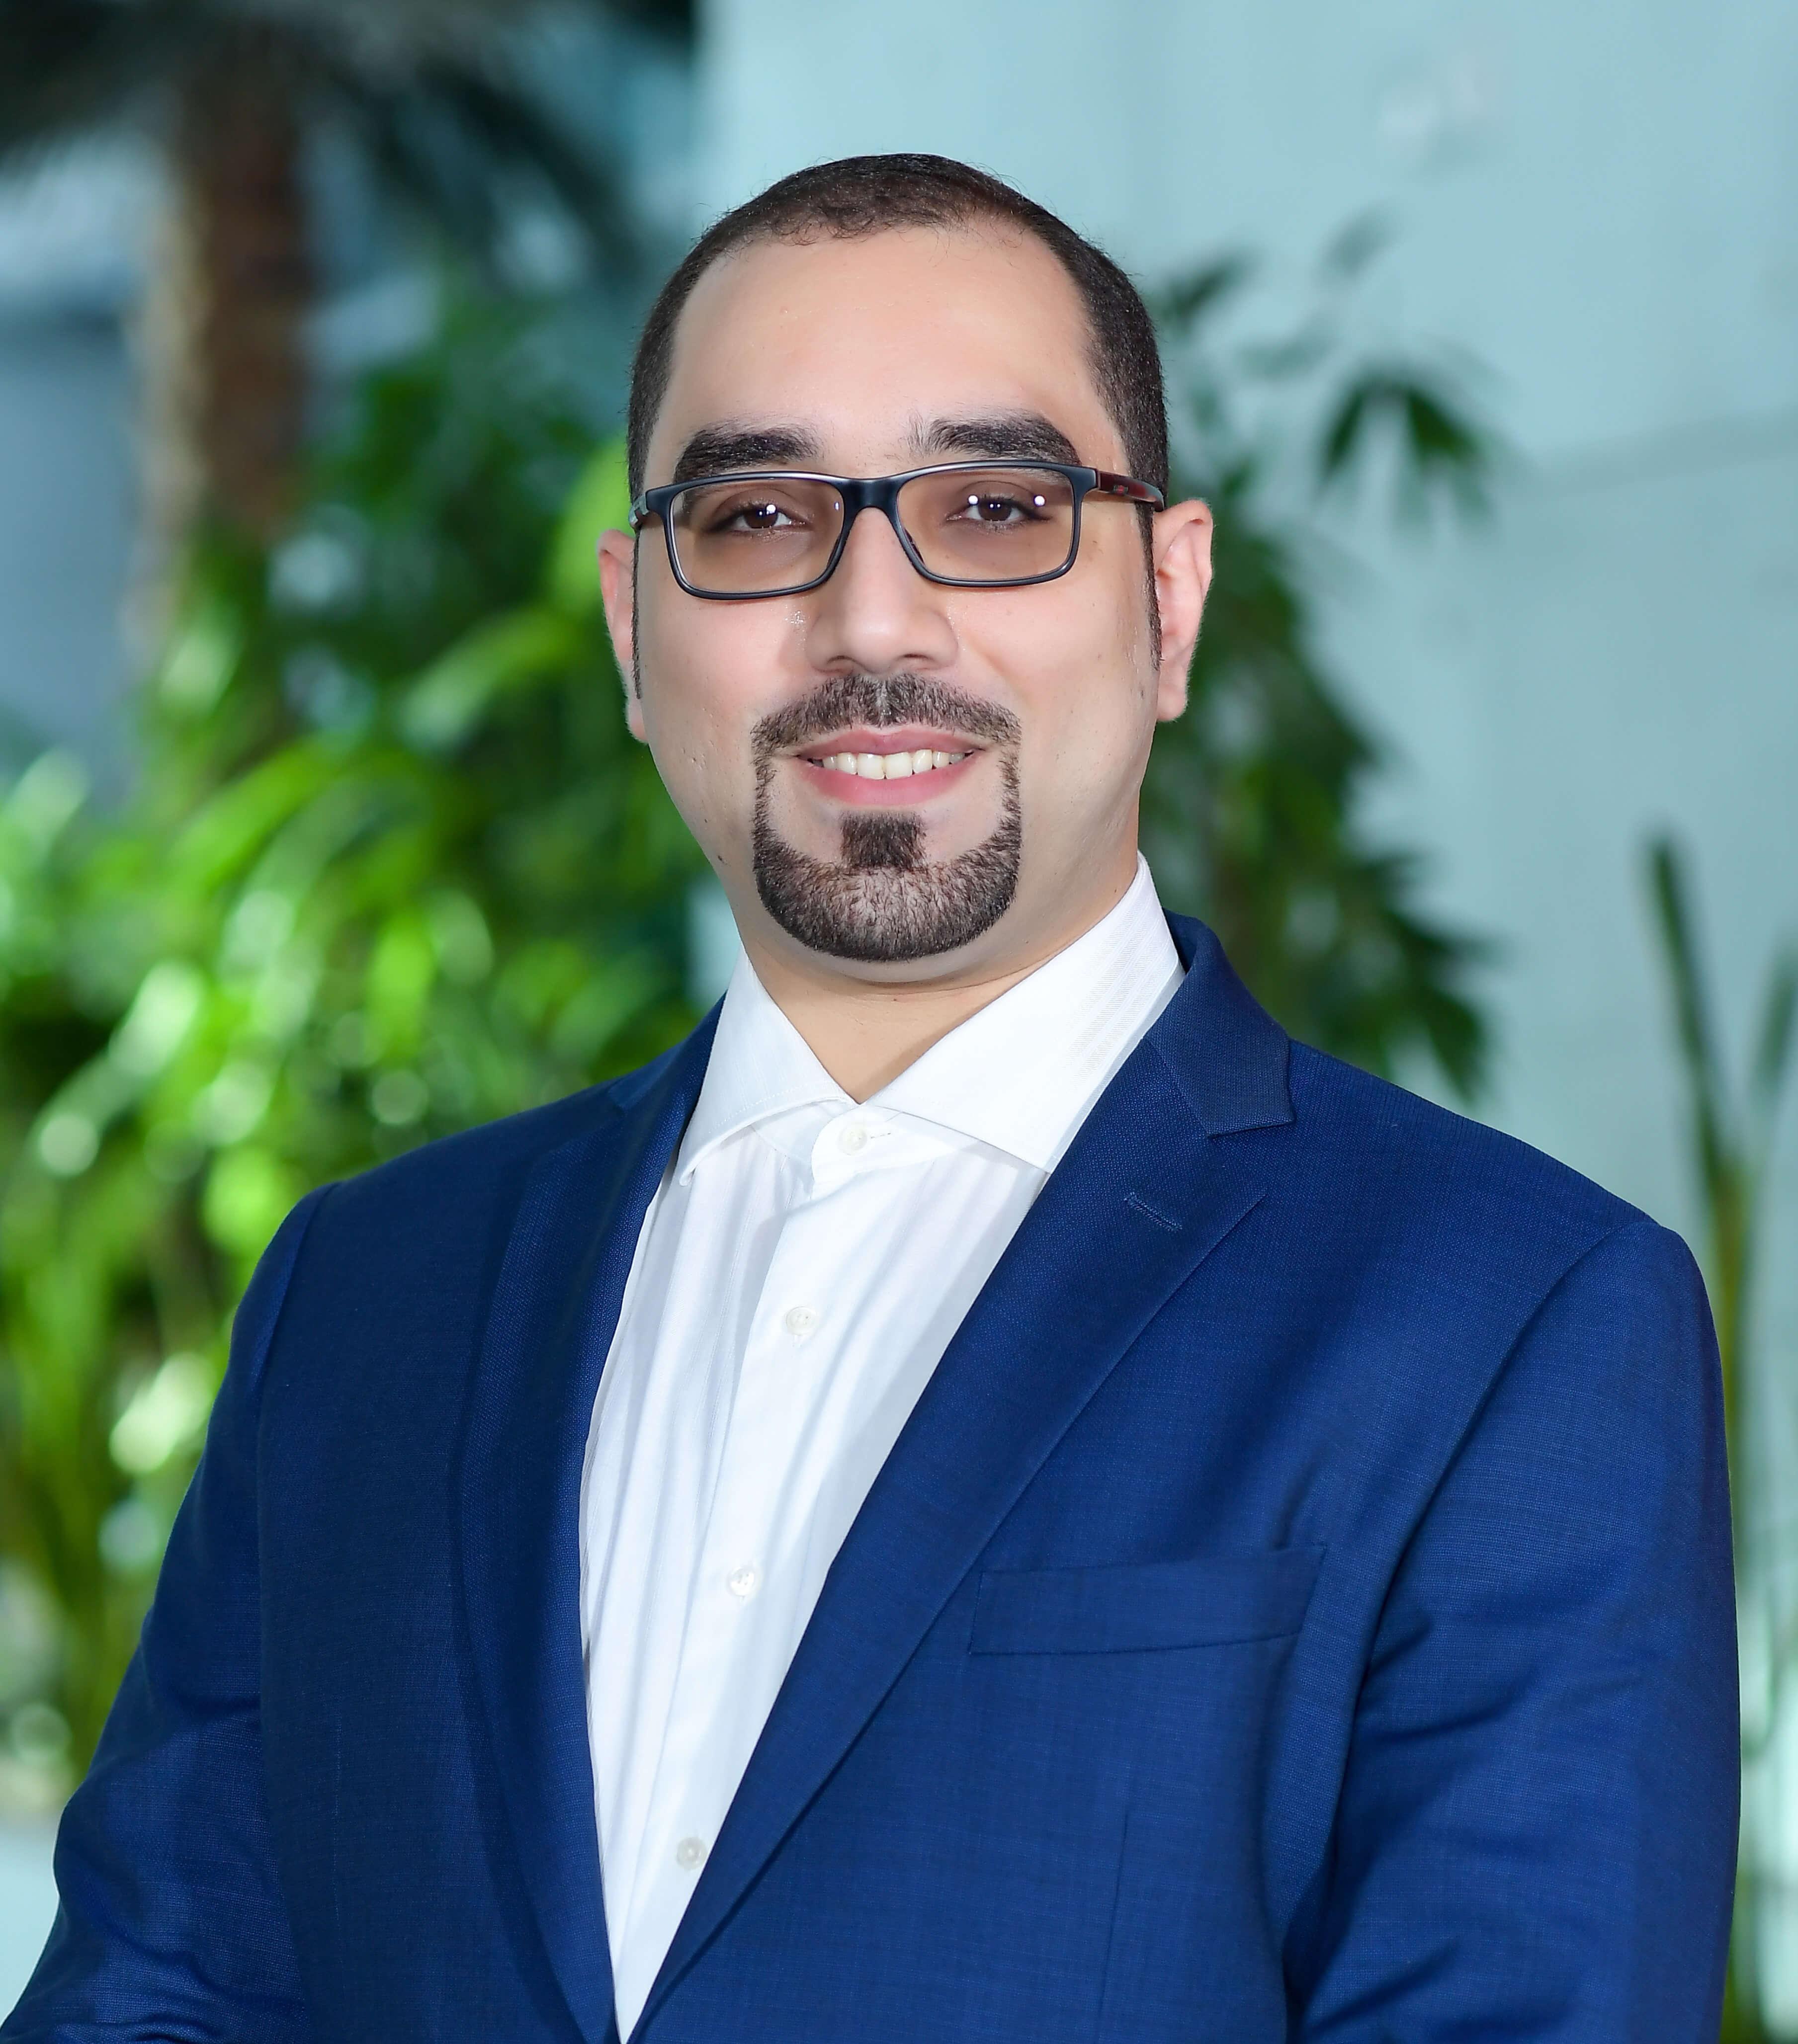 Dr. Omar Sharaf